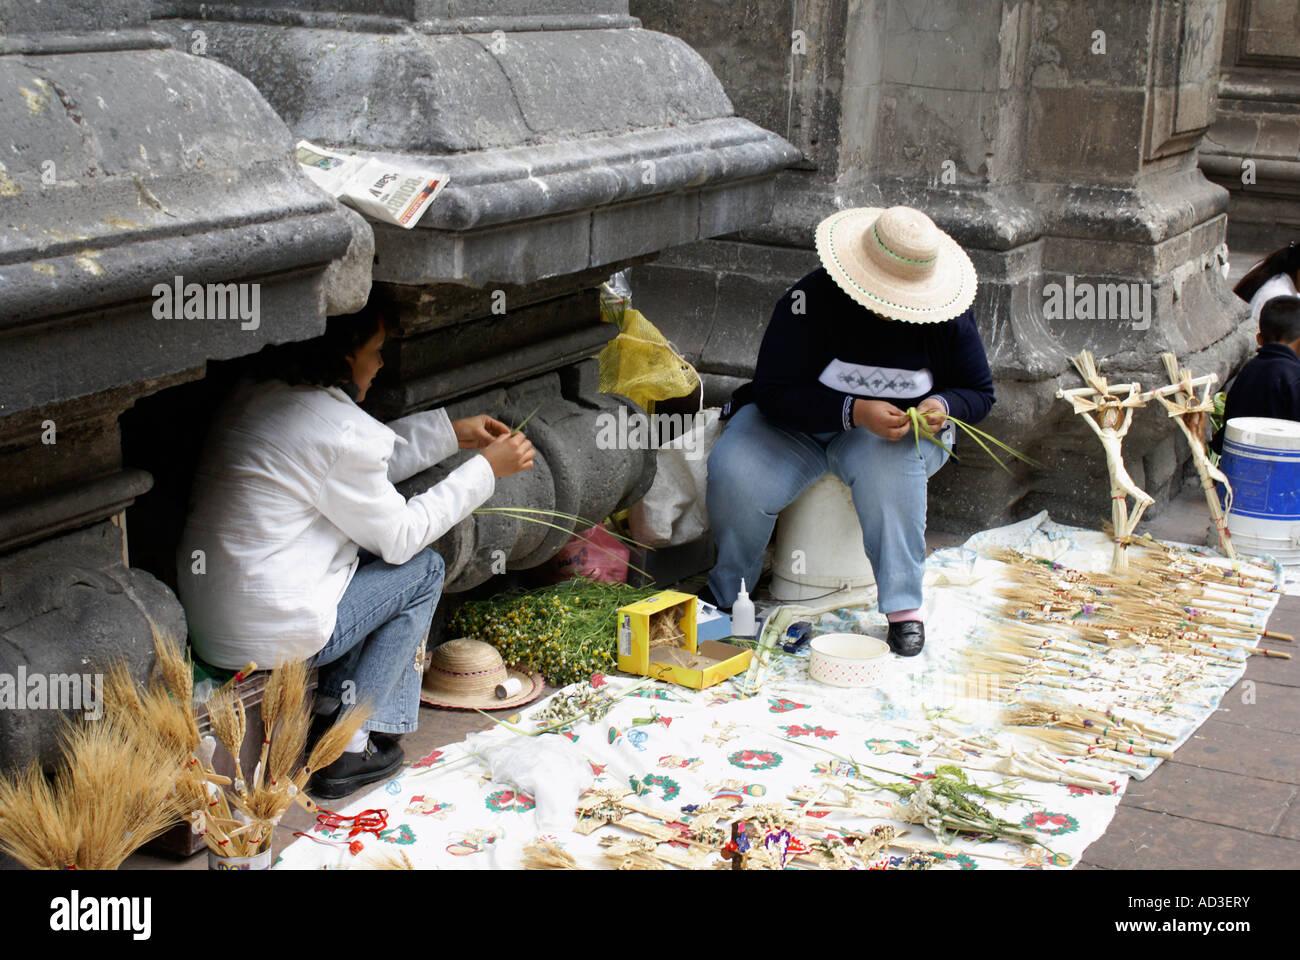 Palm Sunday sidewalk Vendors selling straw crucifixes, Mexico City - Stock Image